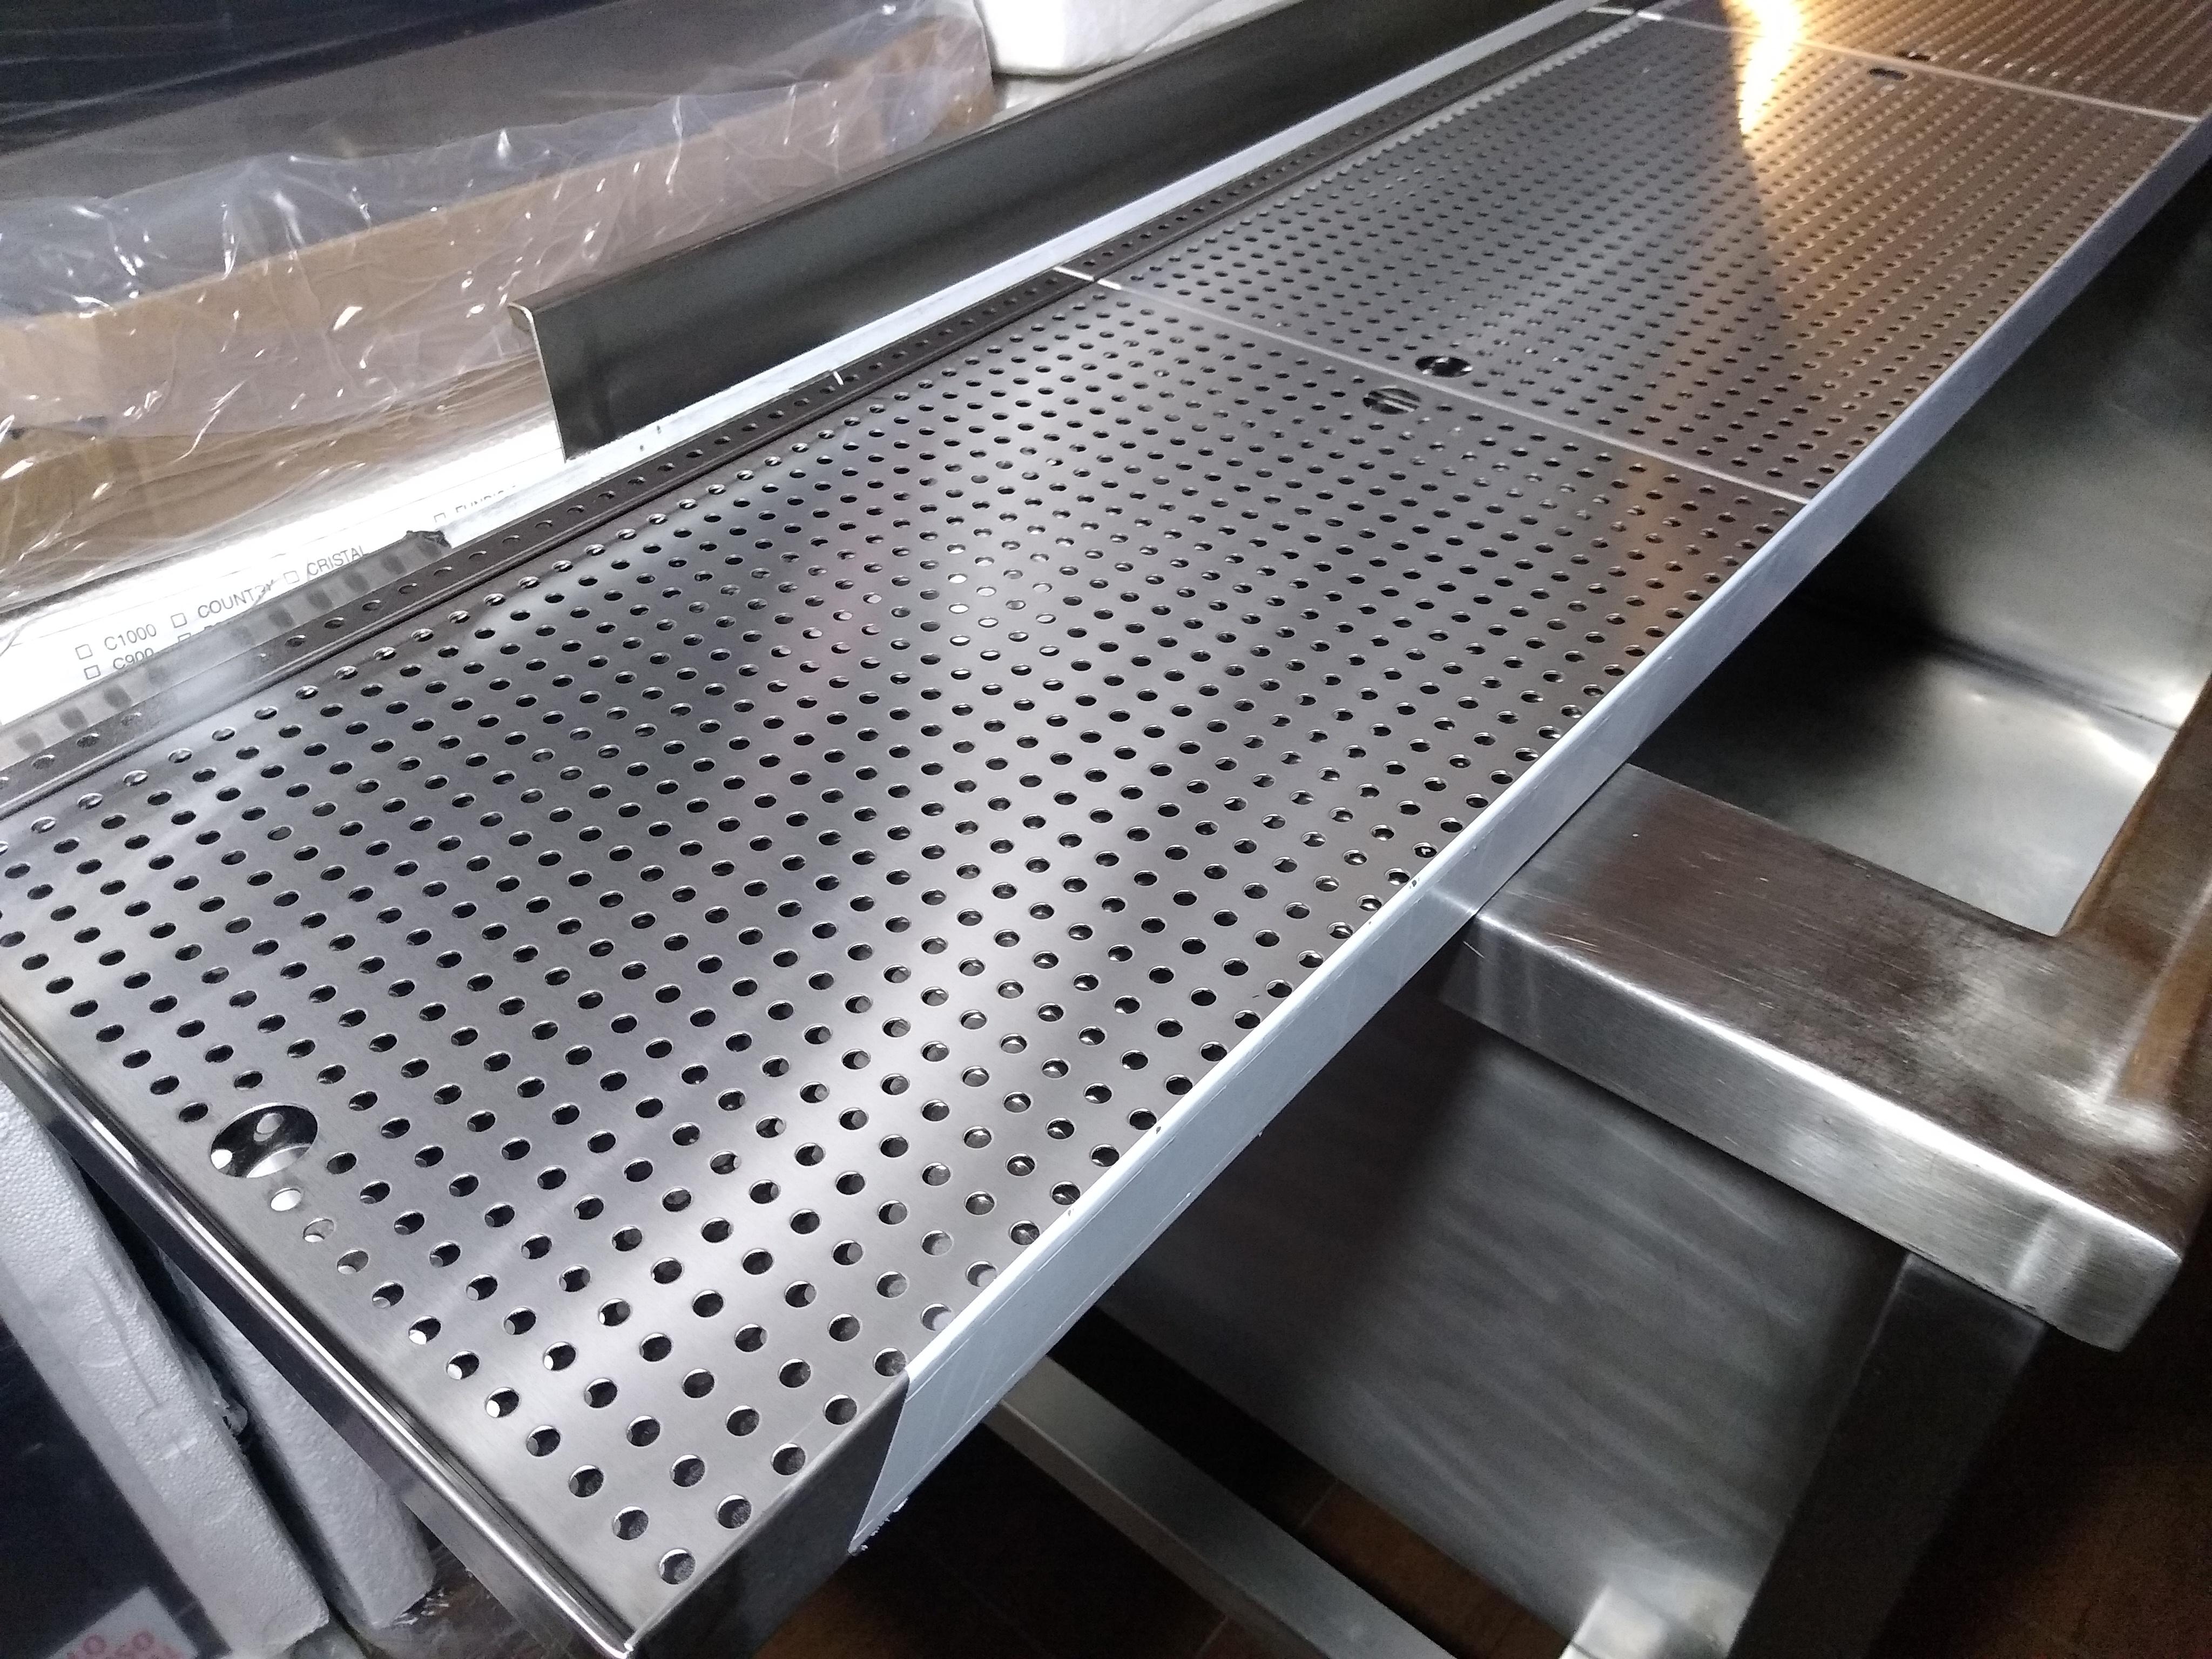 Estantes de acero inoxidable perforados para escurrir vaseras fábrica a medida